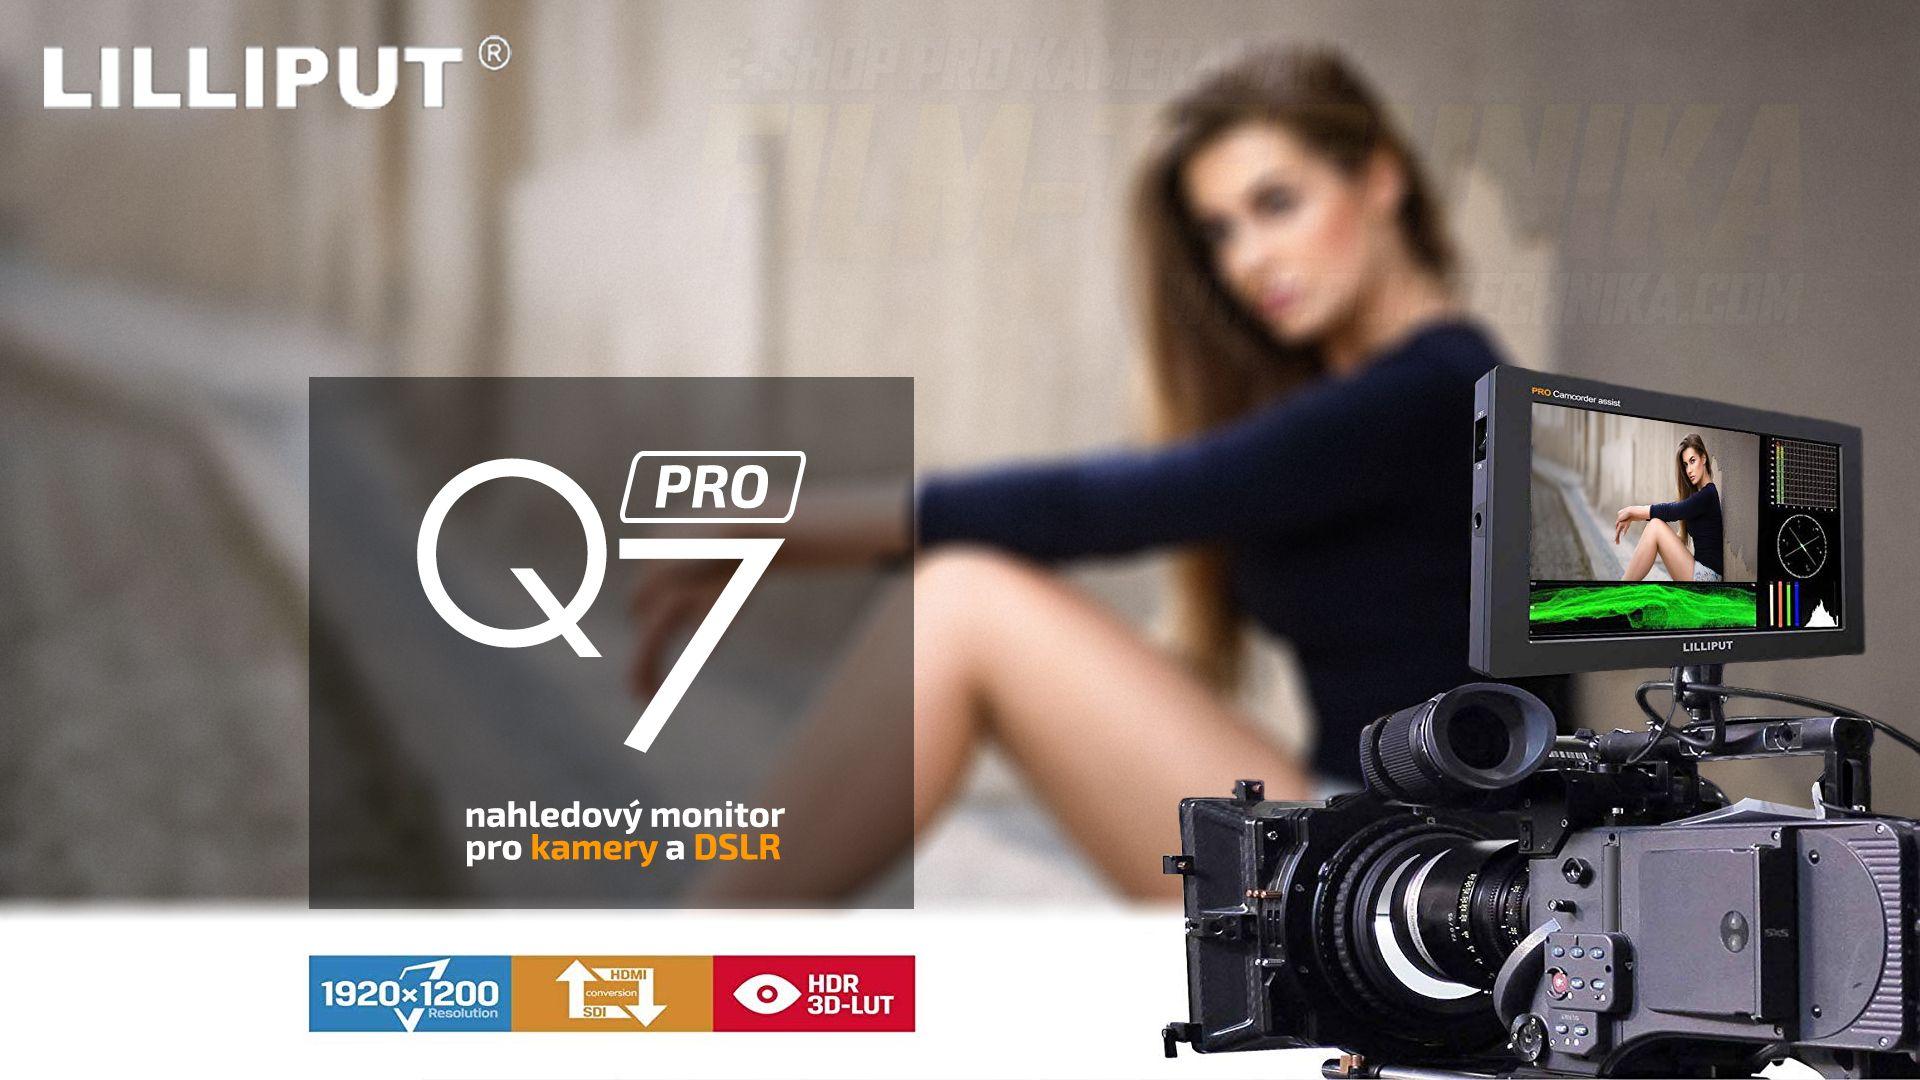 film-technika-lilliput-q7-pro-intext1